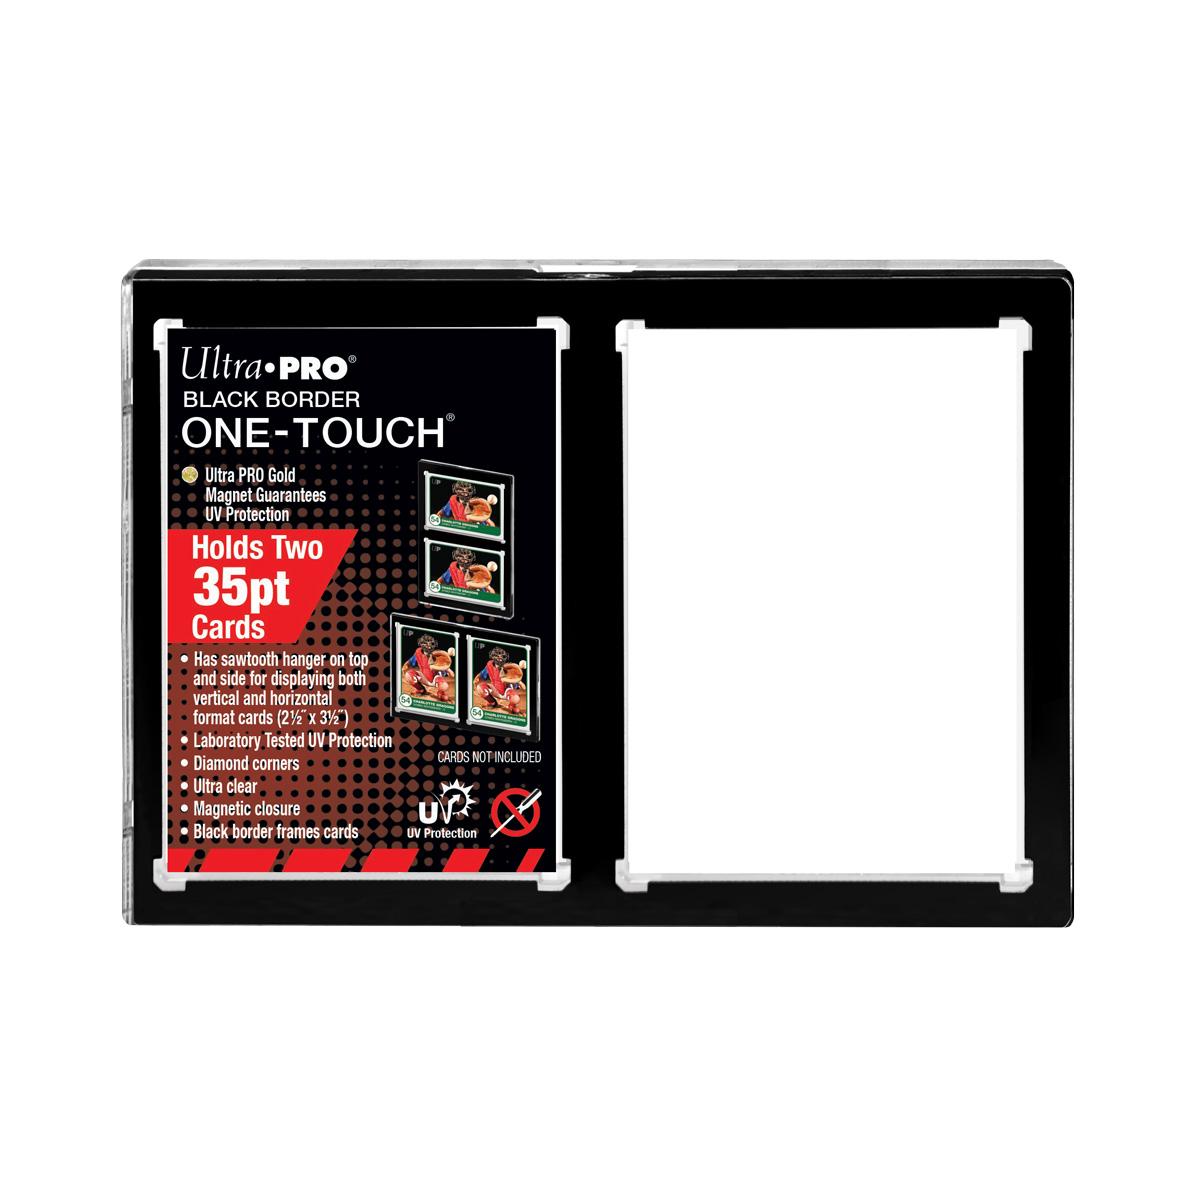 ウルトラプロ (Ultra Pro) 35PT 2カード UVワンタッチマグネットホルダー 黒枠 1mm厚 #15112 | 35PT 2-Card Black Border UV ONE-TOUCH Magnetic Holder